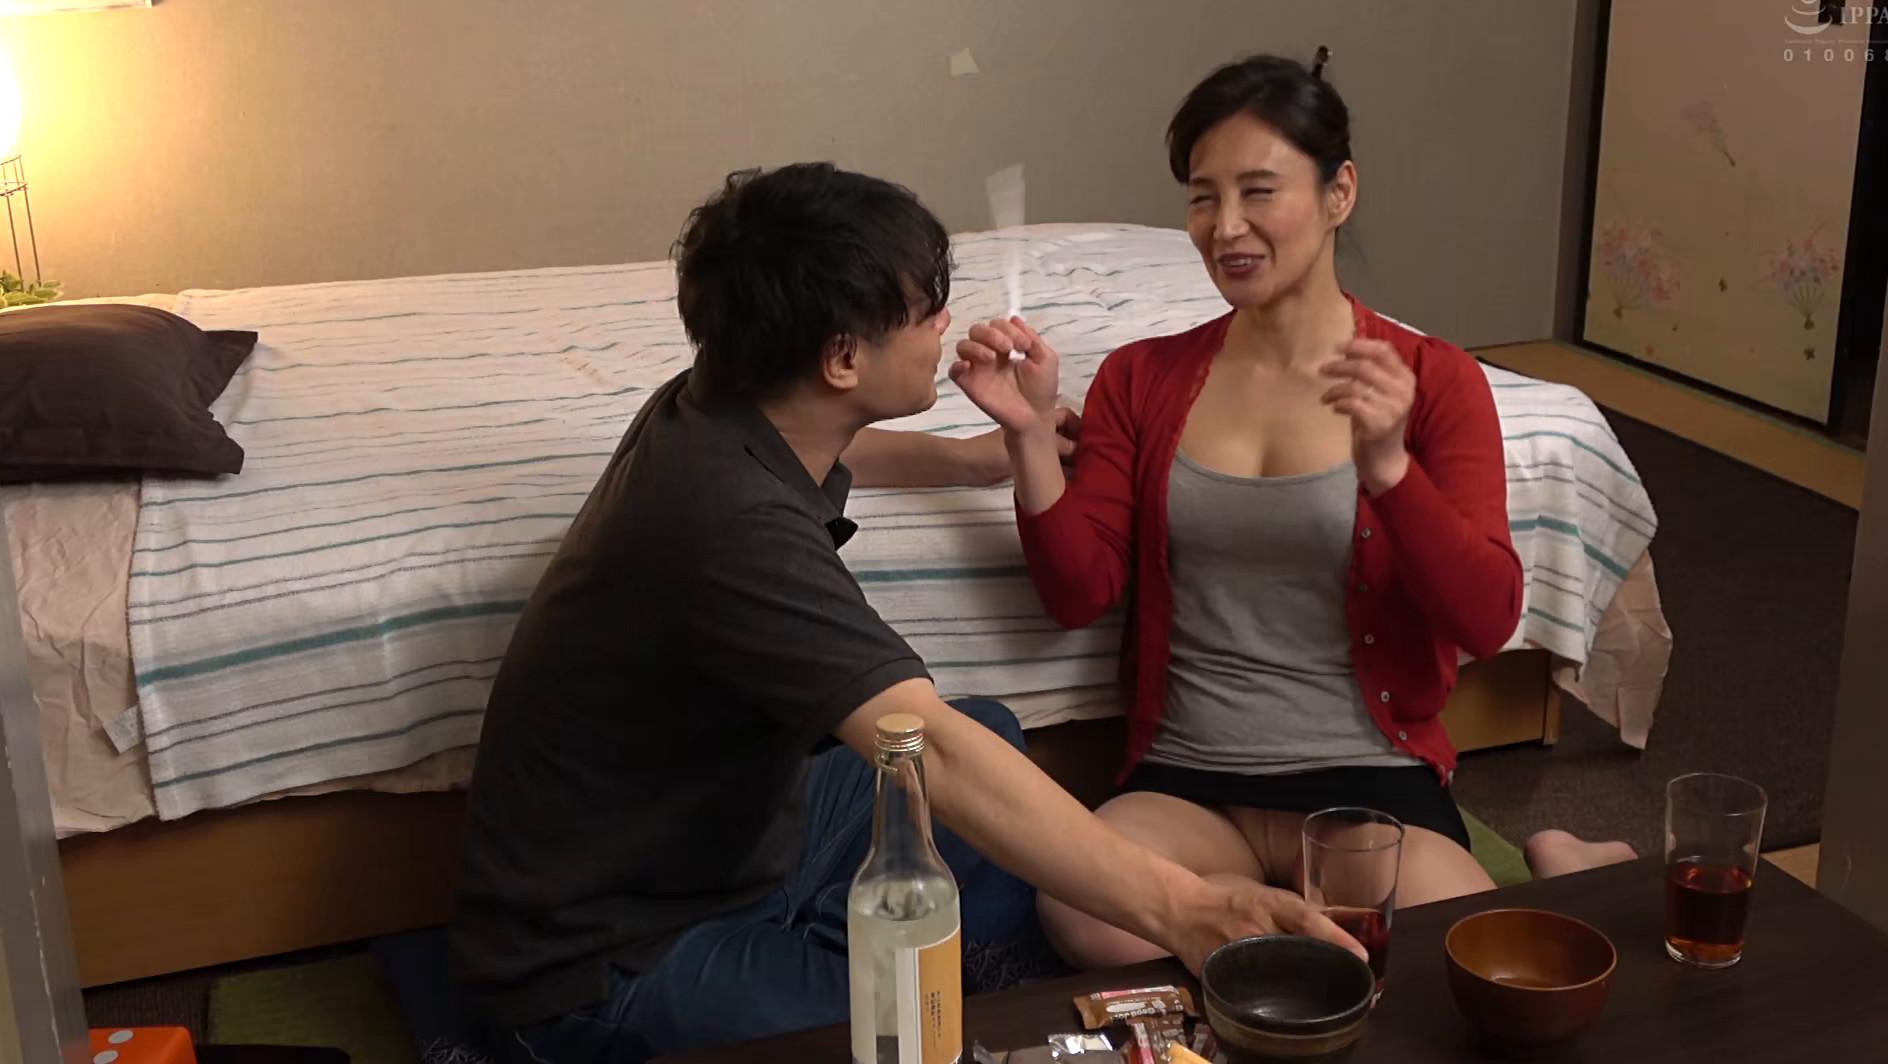 飲み屋でナンパした美熟女を部屋に連れ込み生ハメSEX 180分 画像18